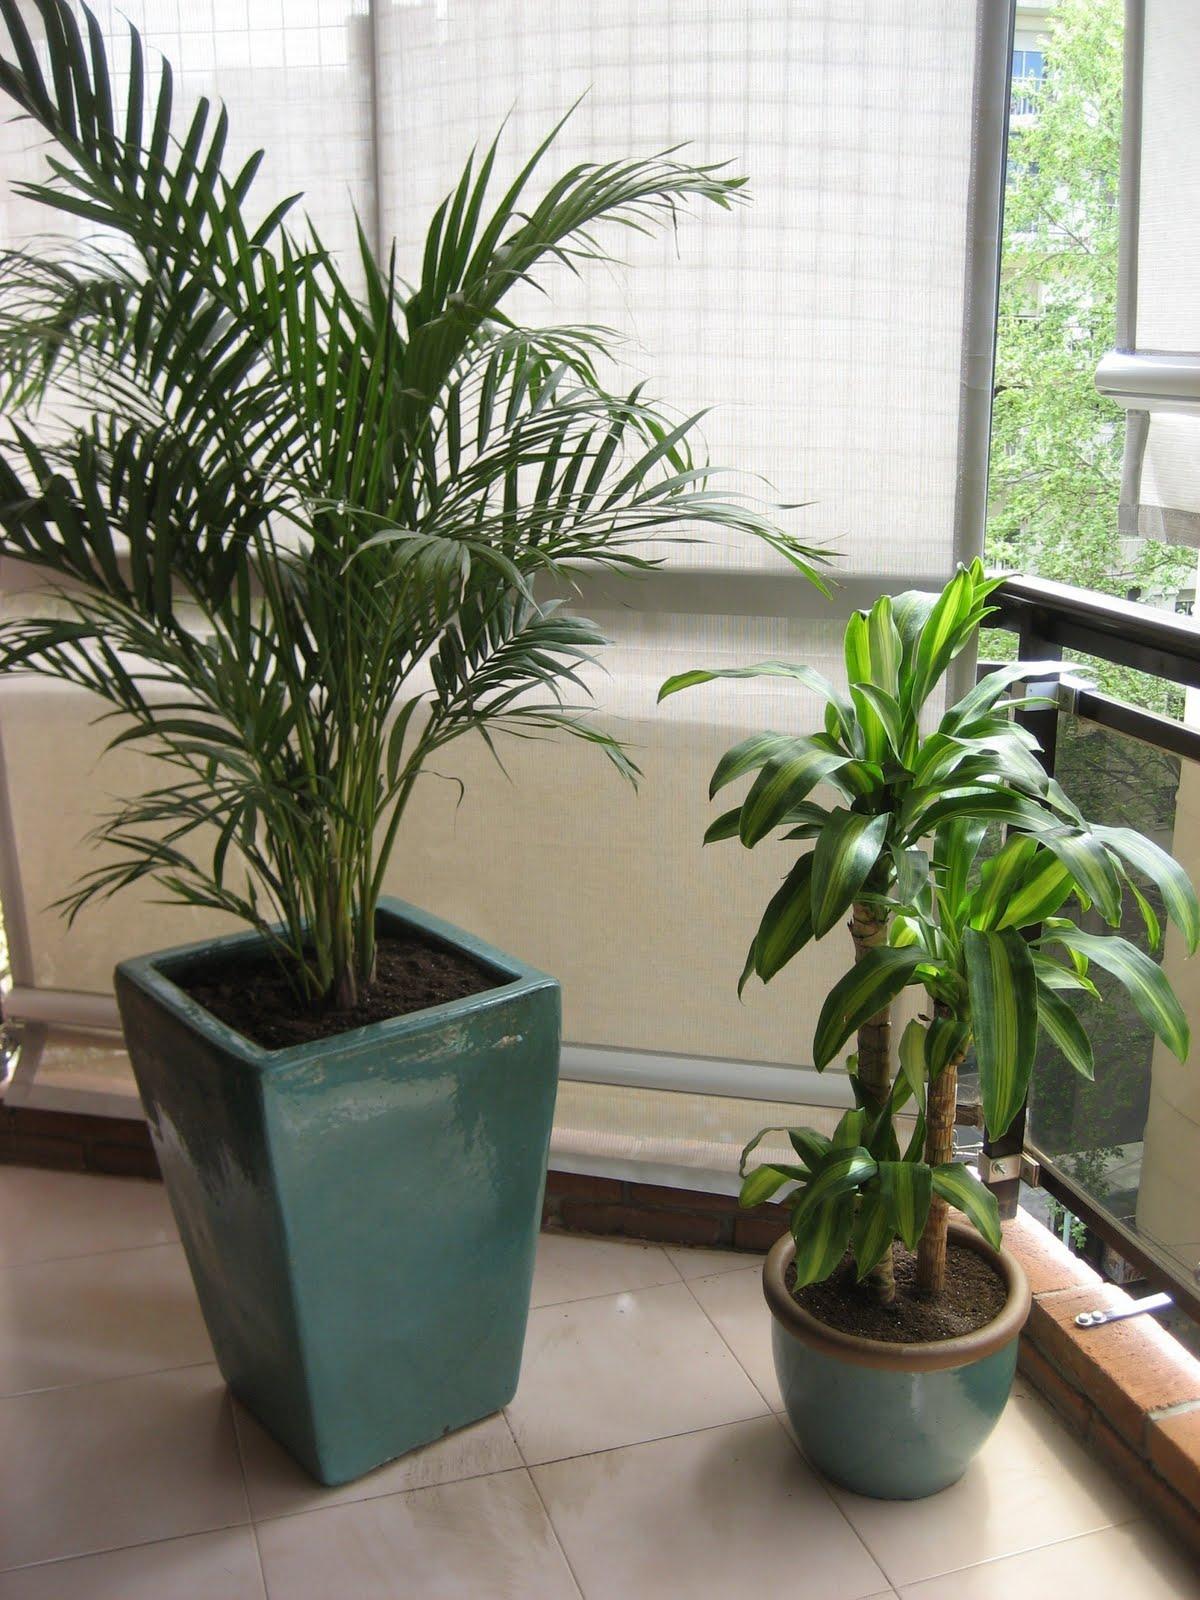 Planificaci n de espacios verdes arreglos florales plantas de interior - Macetas para plantas de interior ...